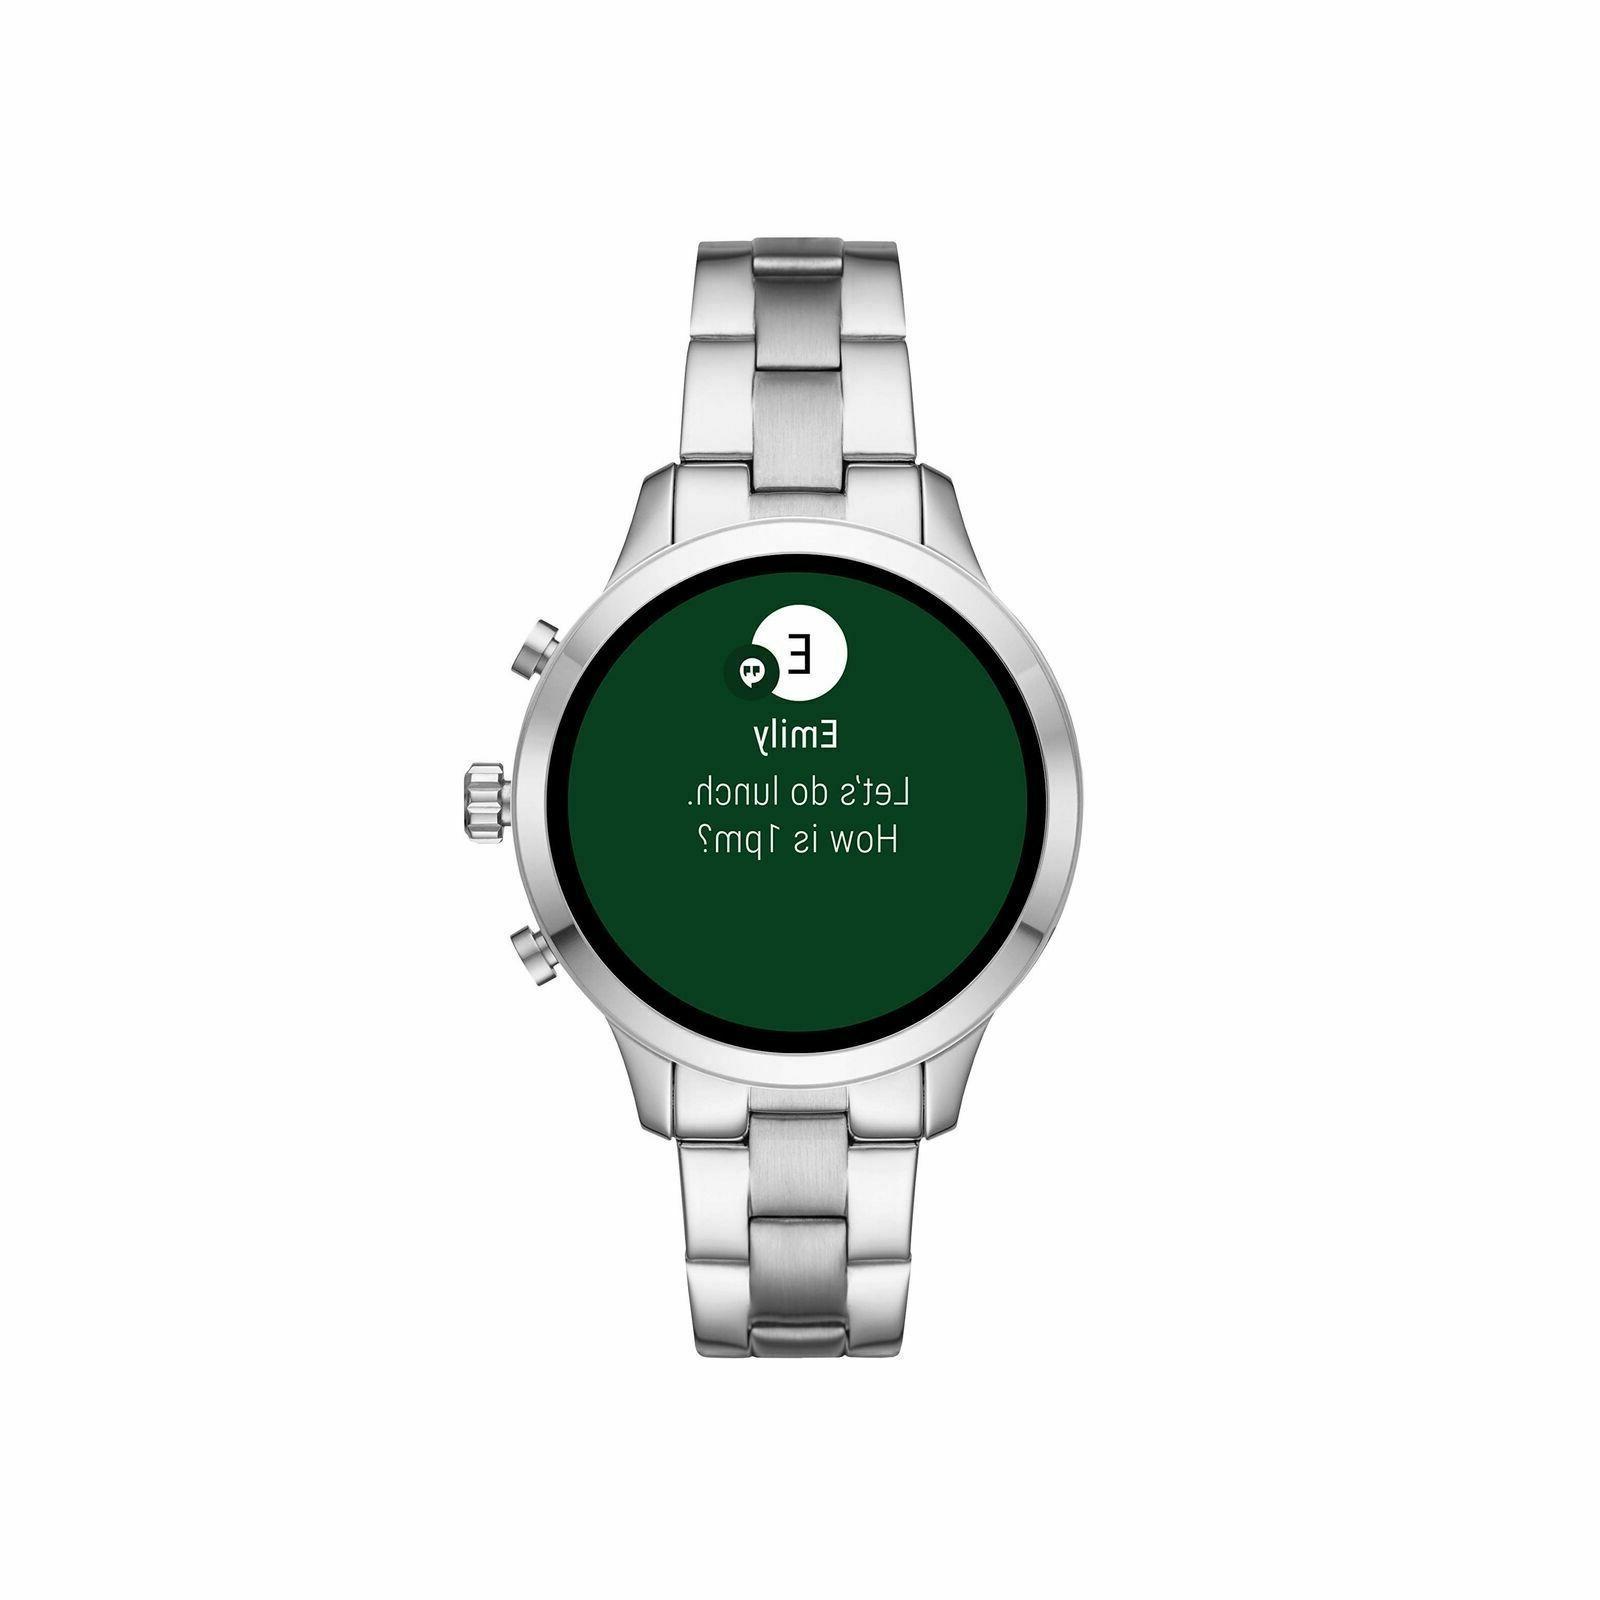 Michael Kors MKT5044 FACTORY SEALED Women's Runway Watch